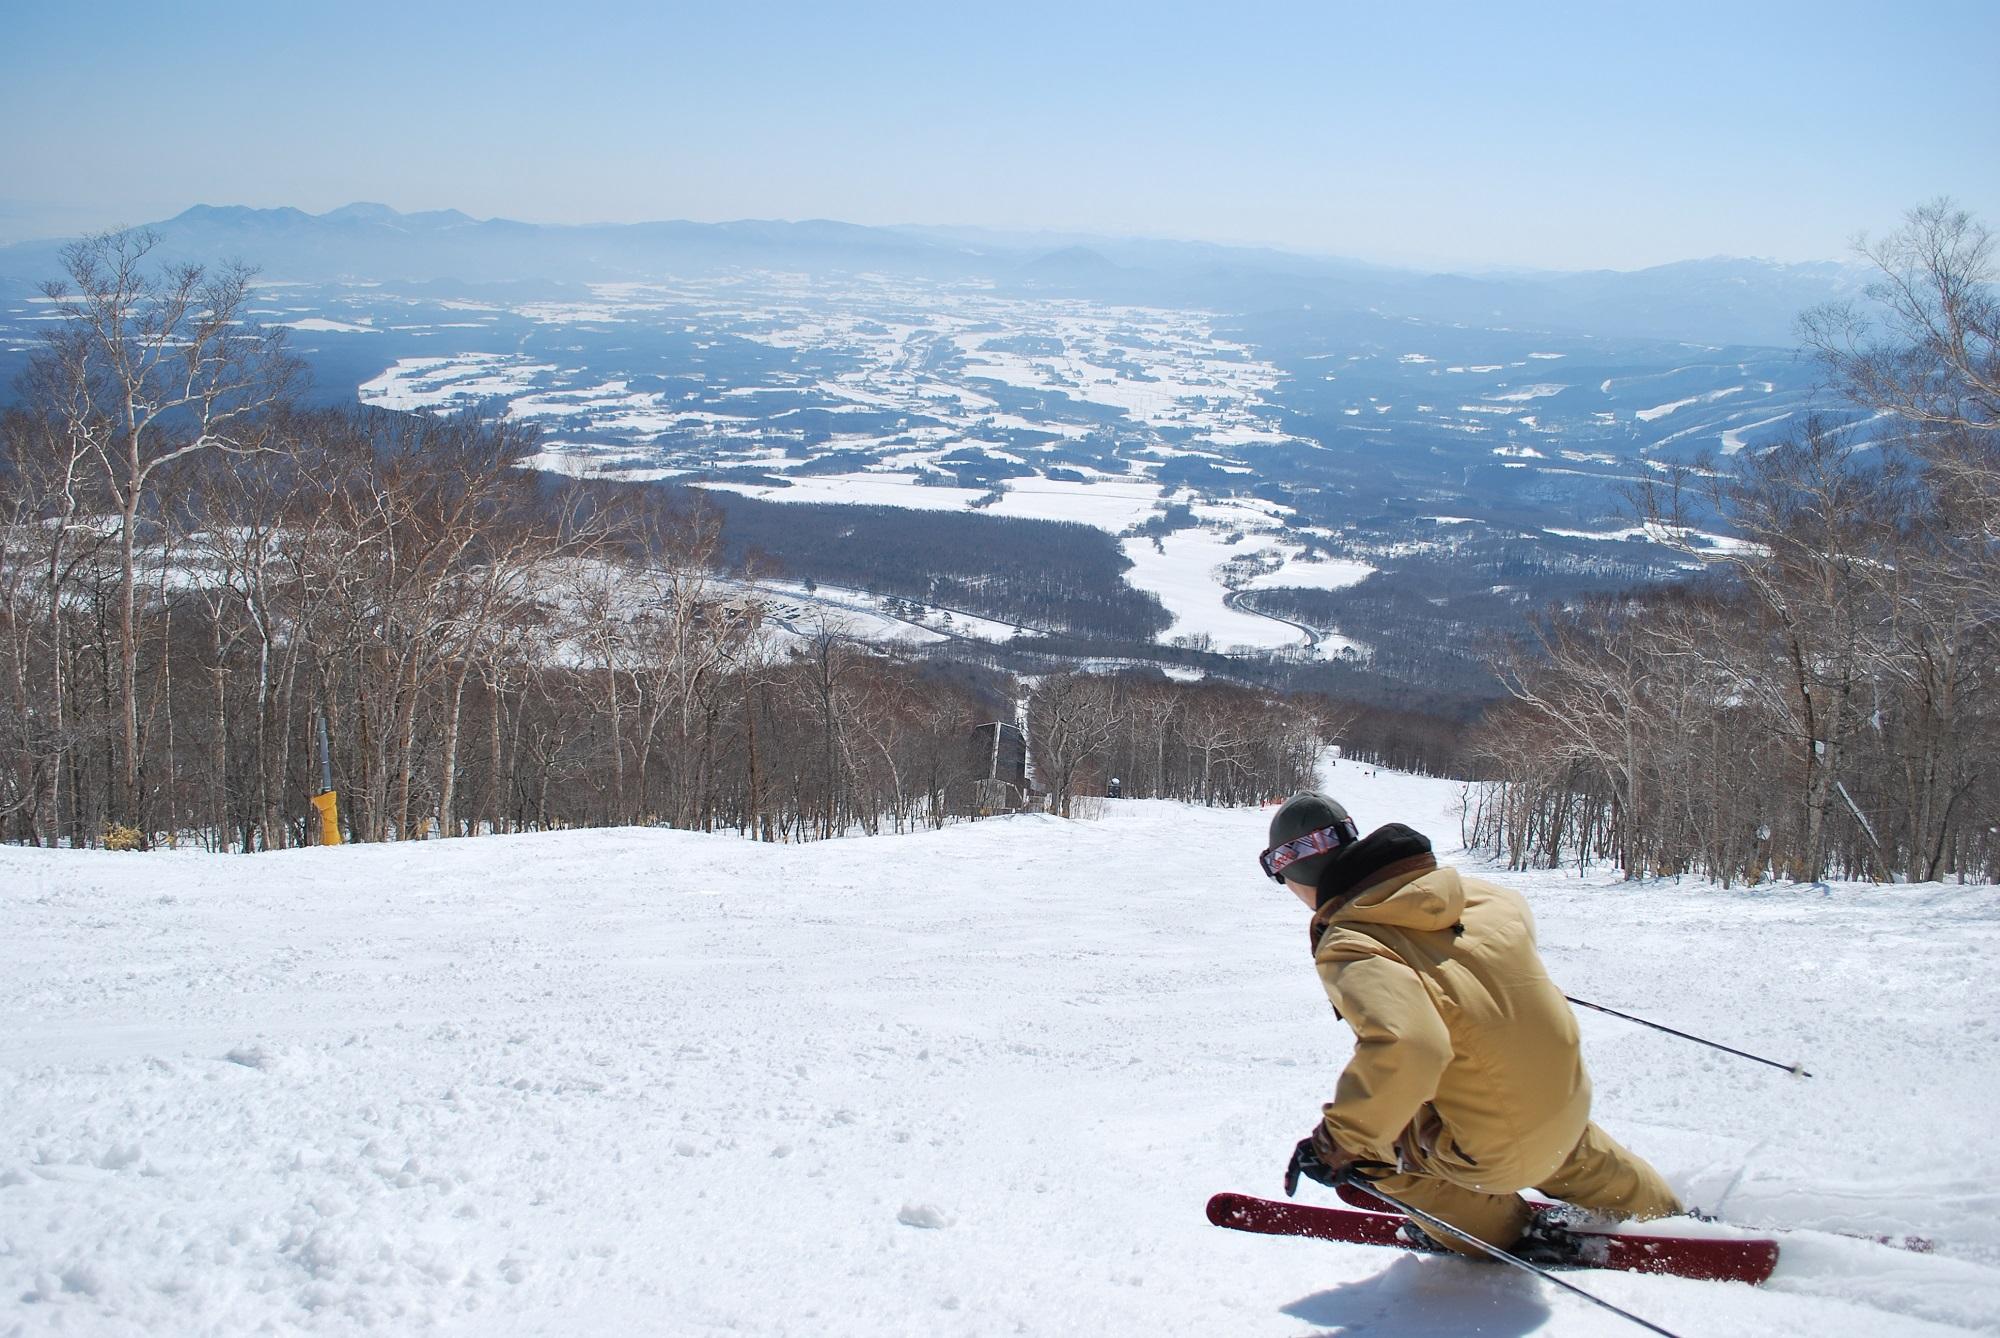 Iwate Kogen Snow Park